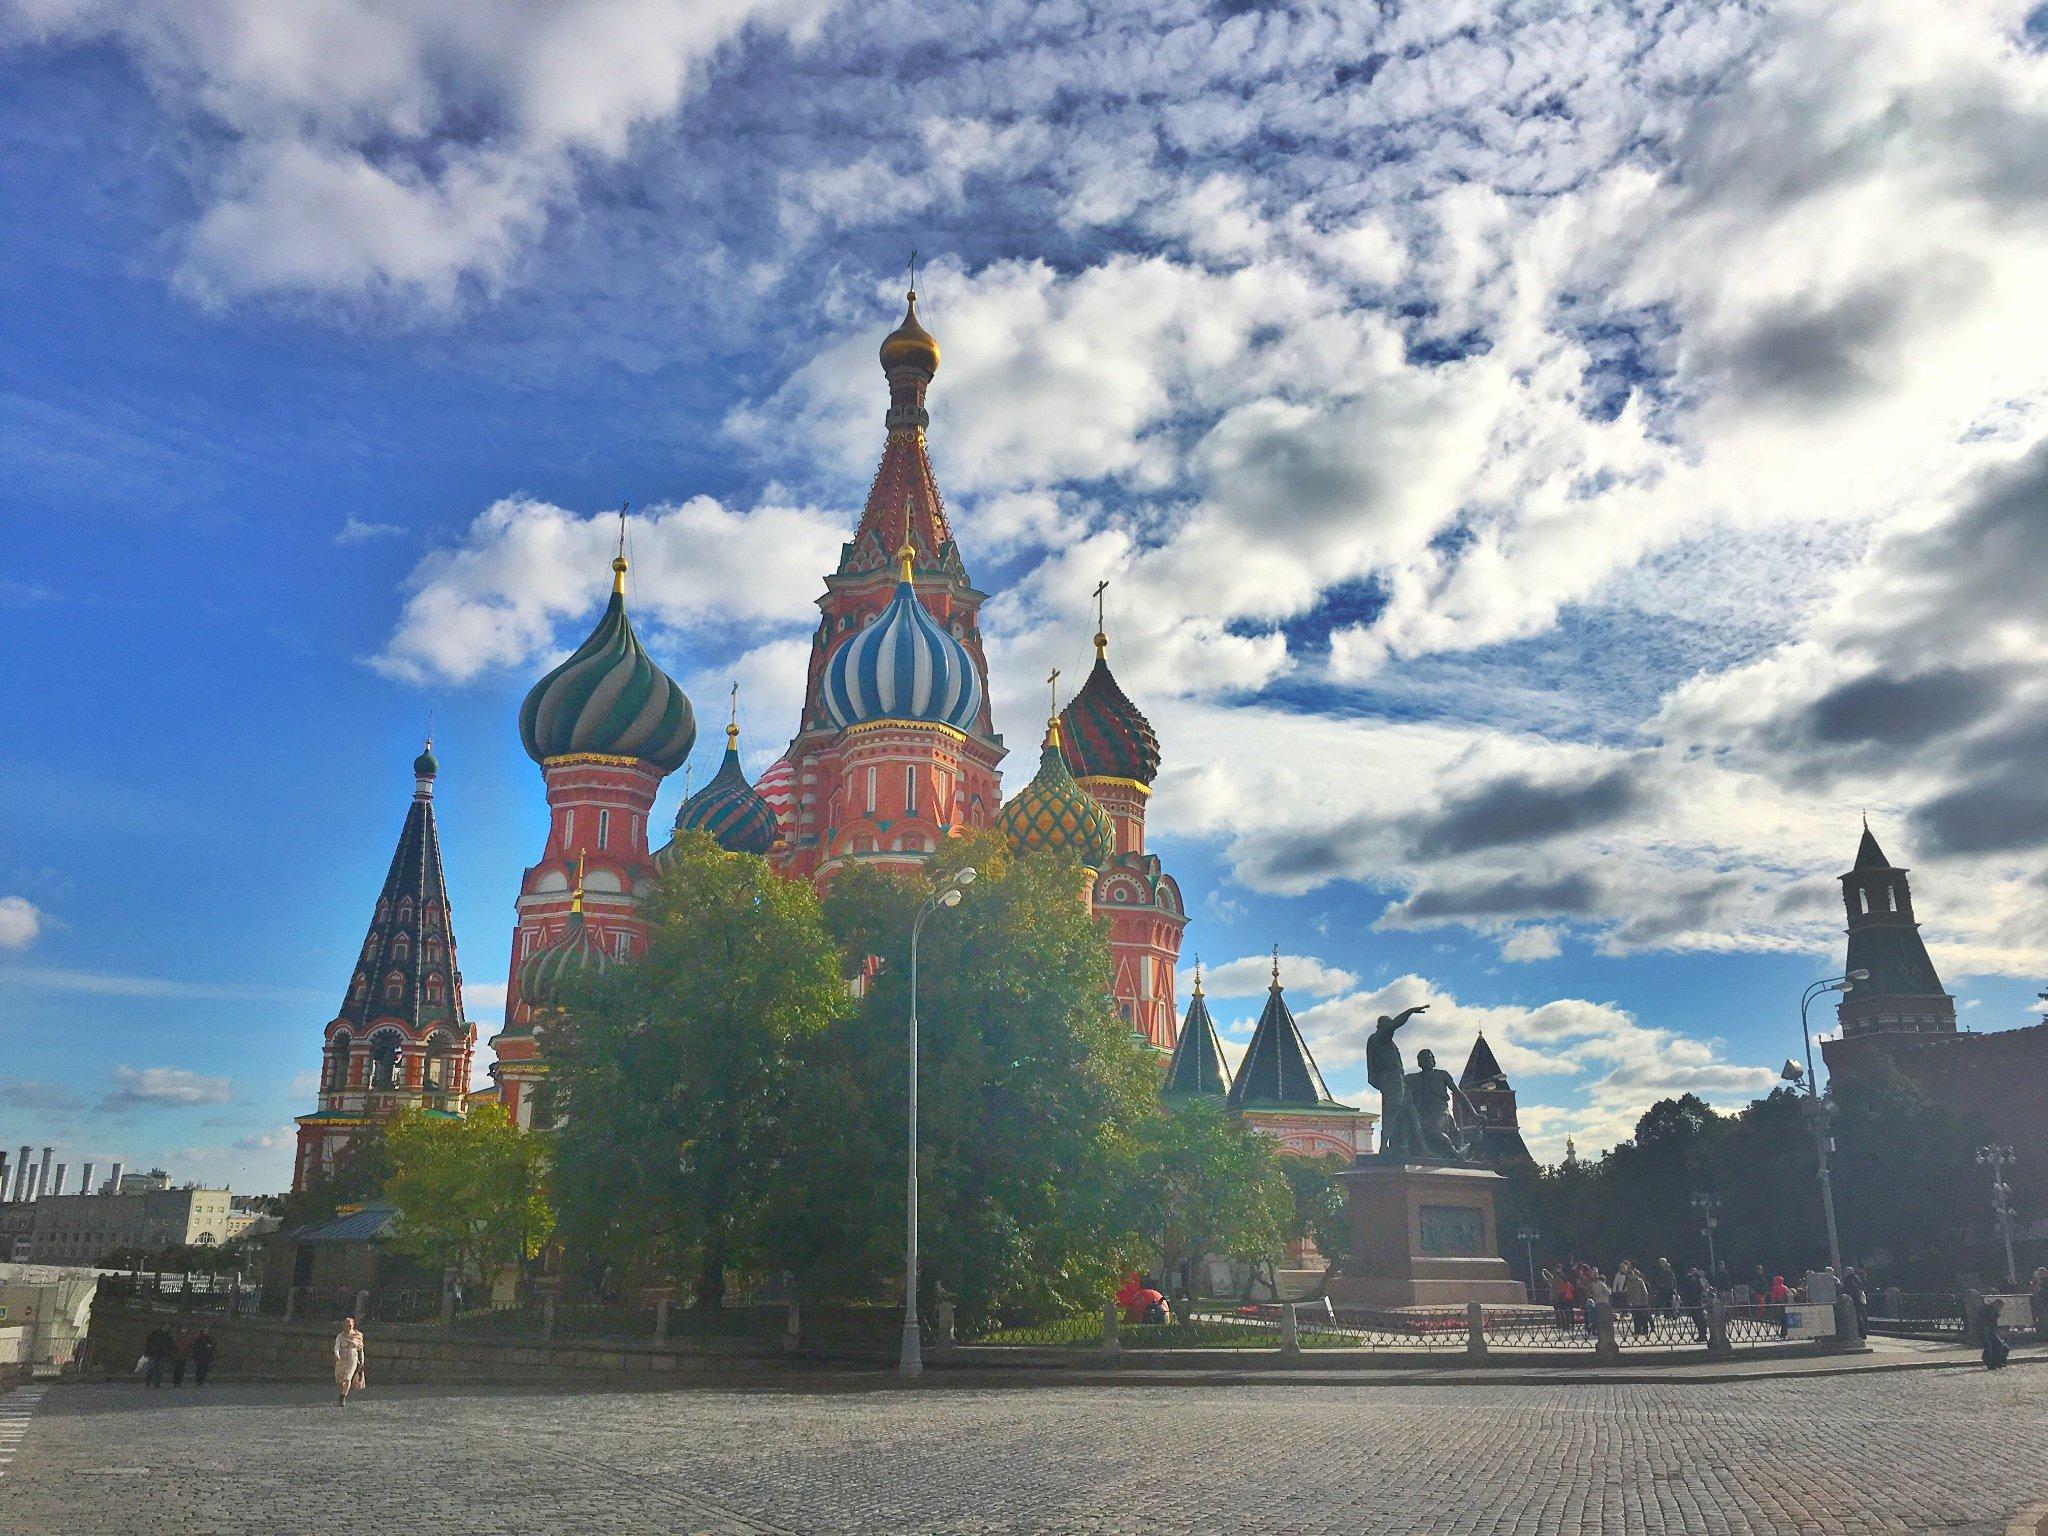 【莫斯科/圣彼得堡】金秋九月,少女搭伙,勇闯莽莽俄罗斯。